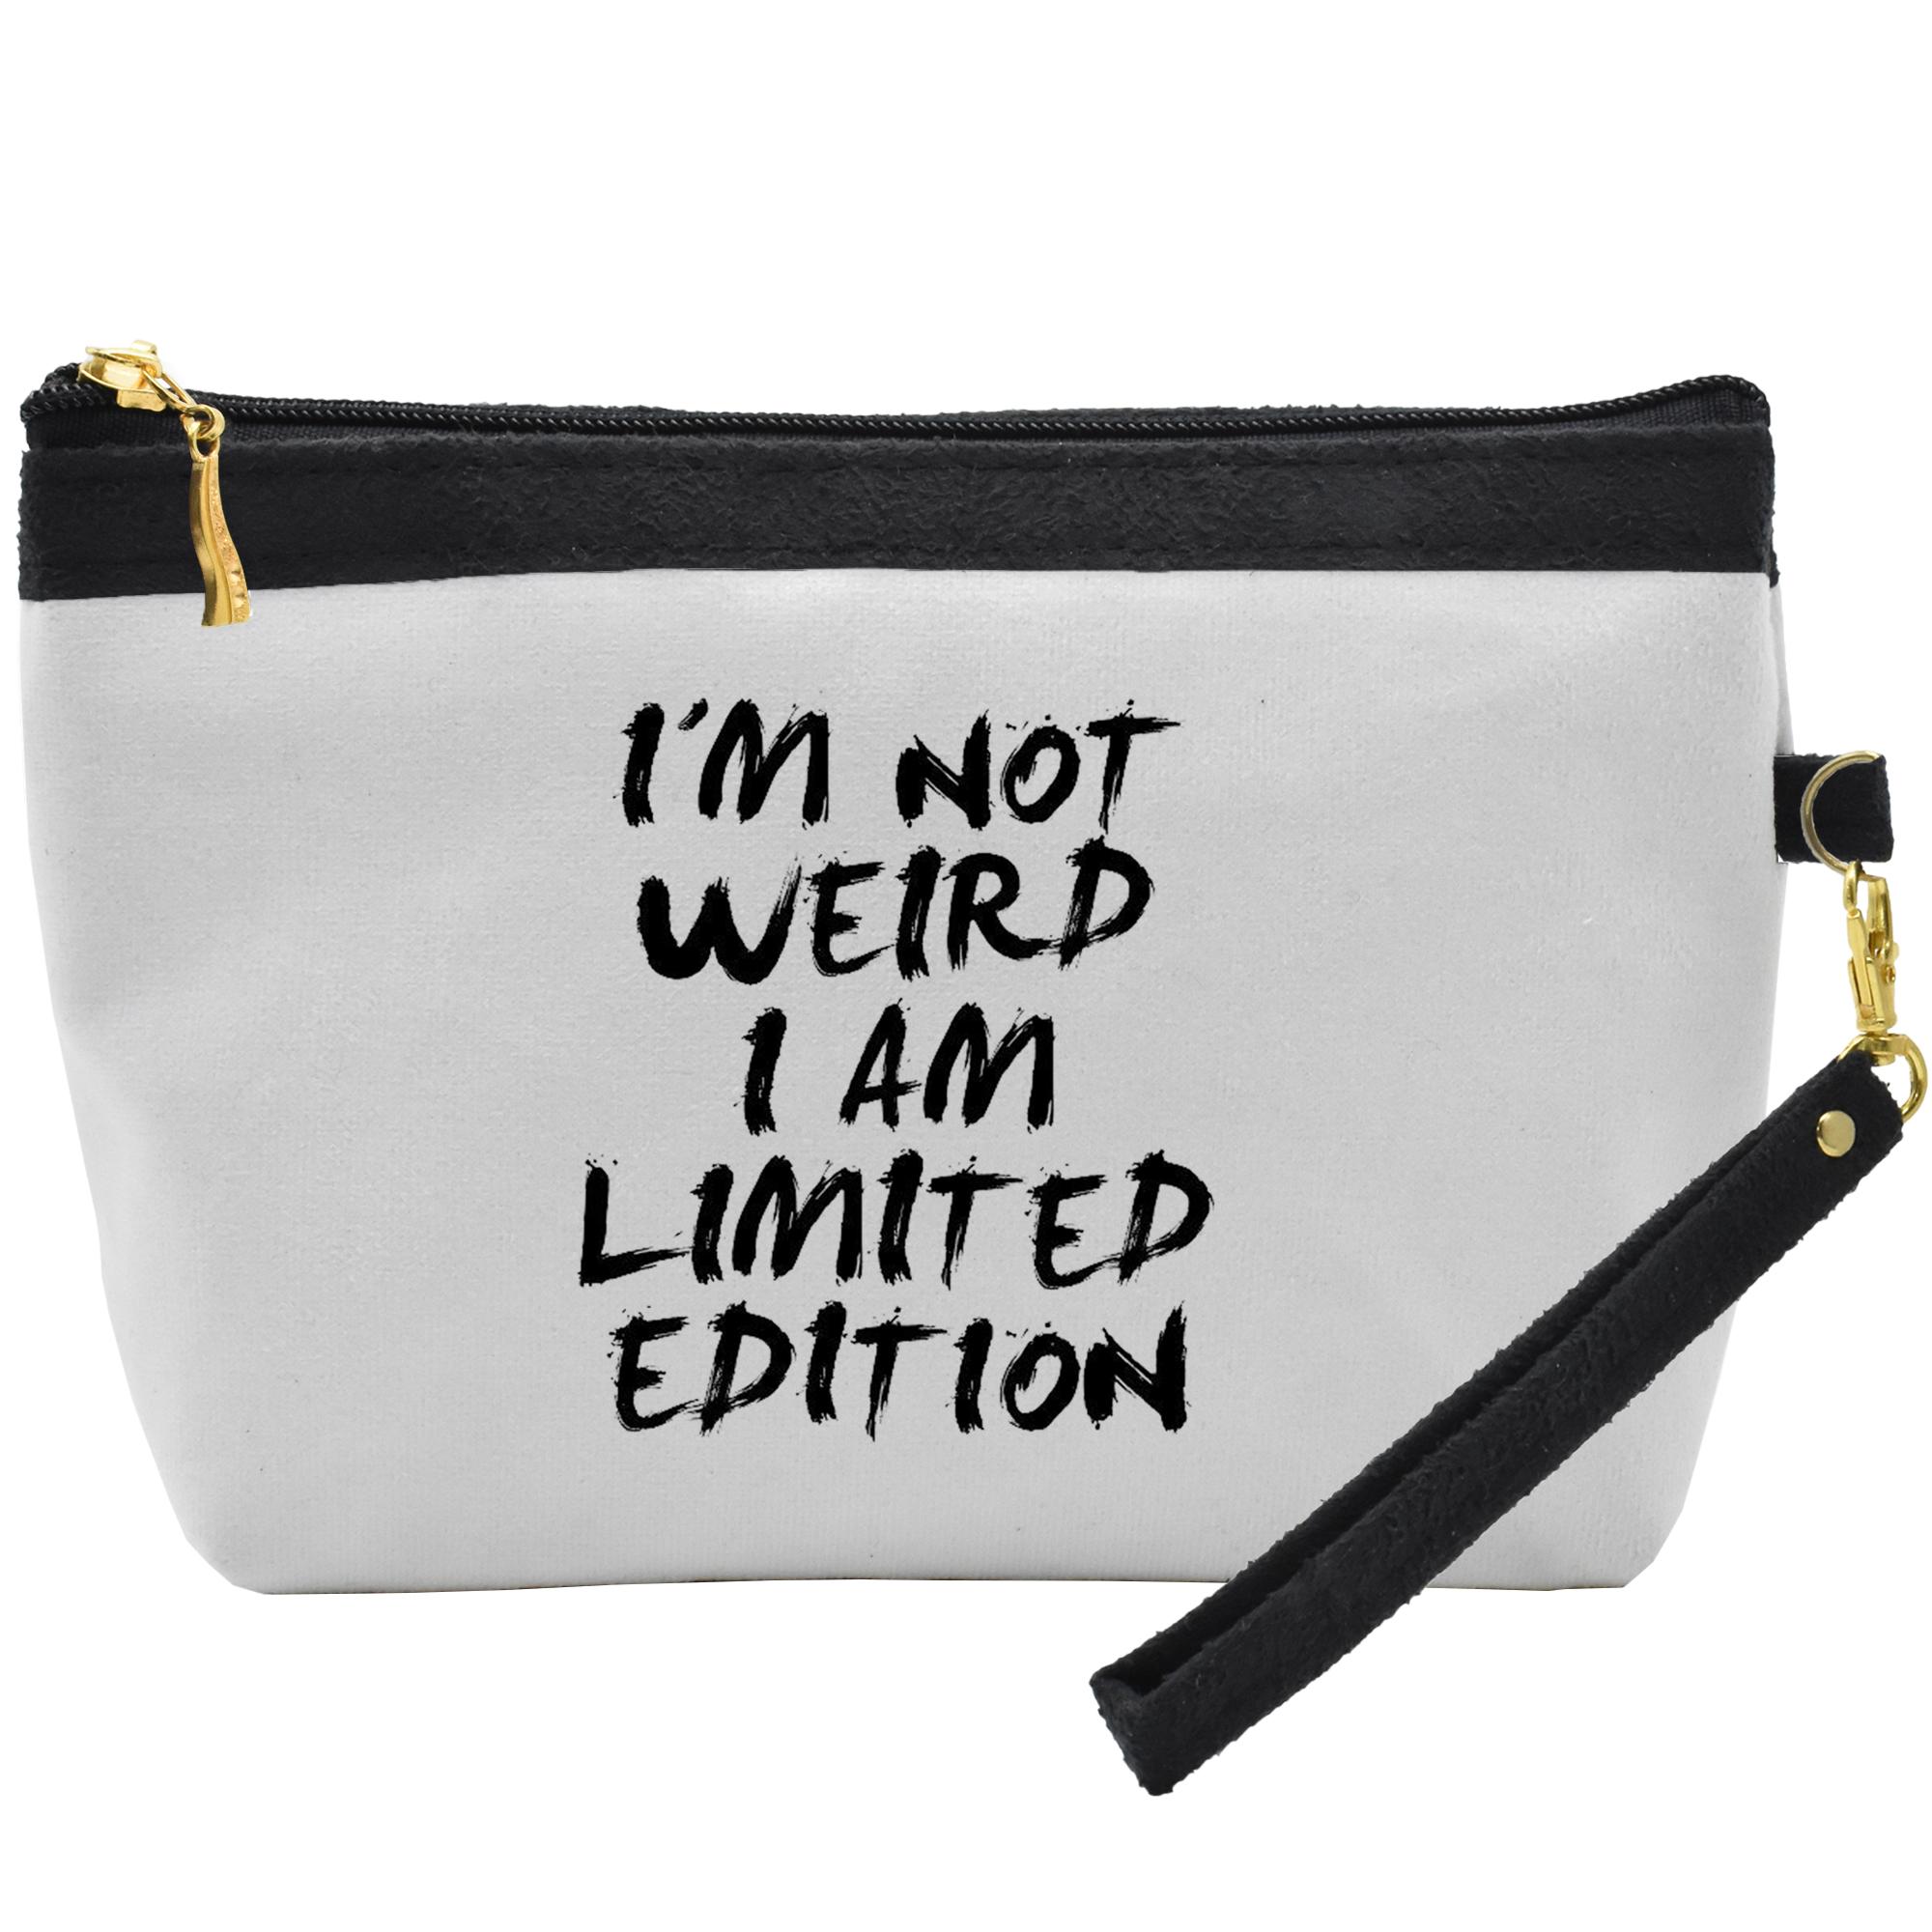 کیف لوازم آرایشی طرح Limited Edition کد C10